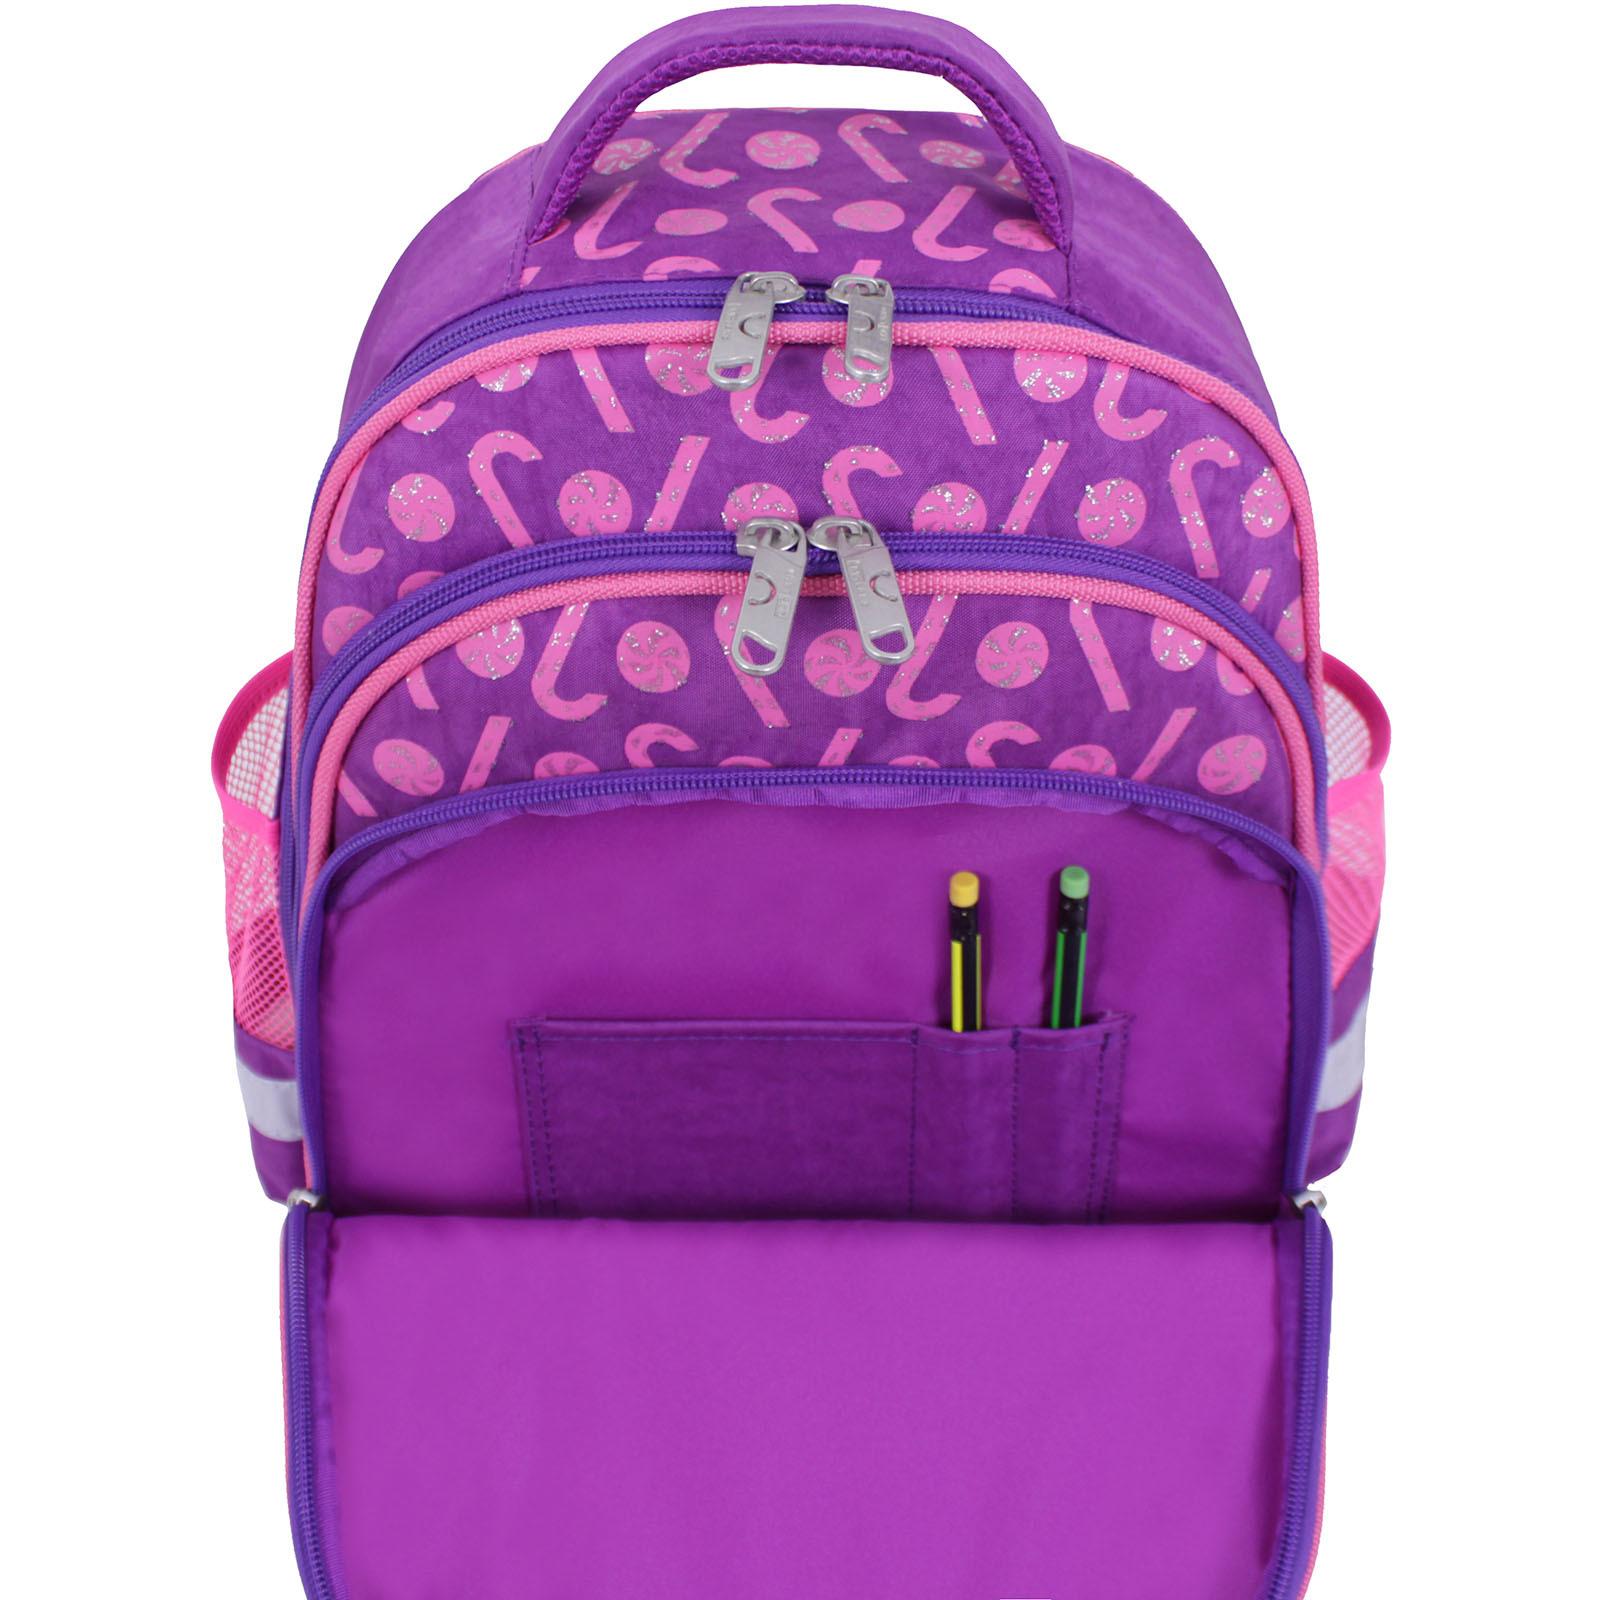 Рюкзак школьный Bagland Mouse 339 фиолетовый 409 (0051370) фото 5